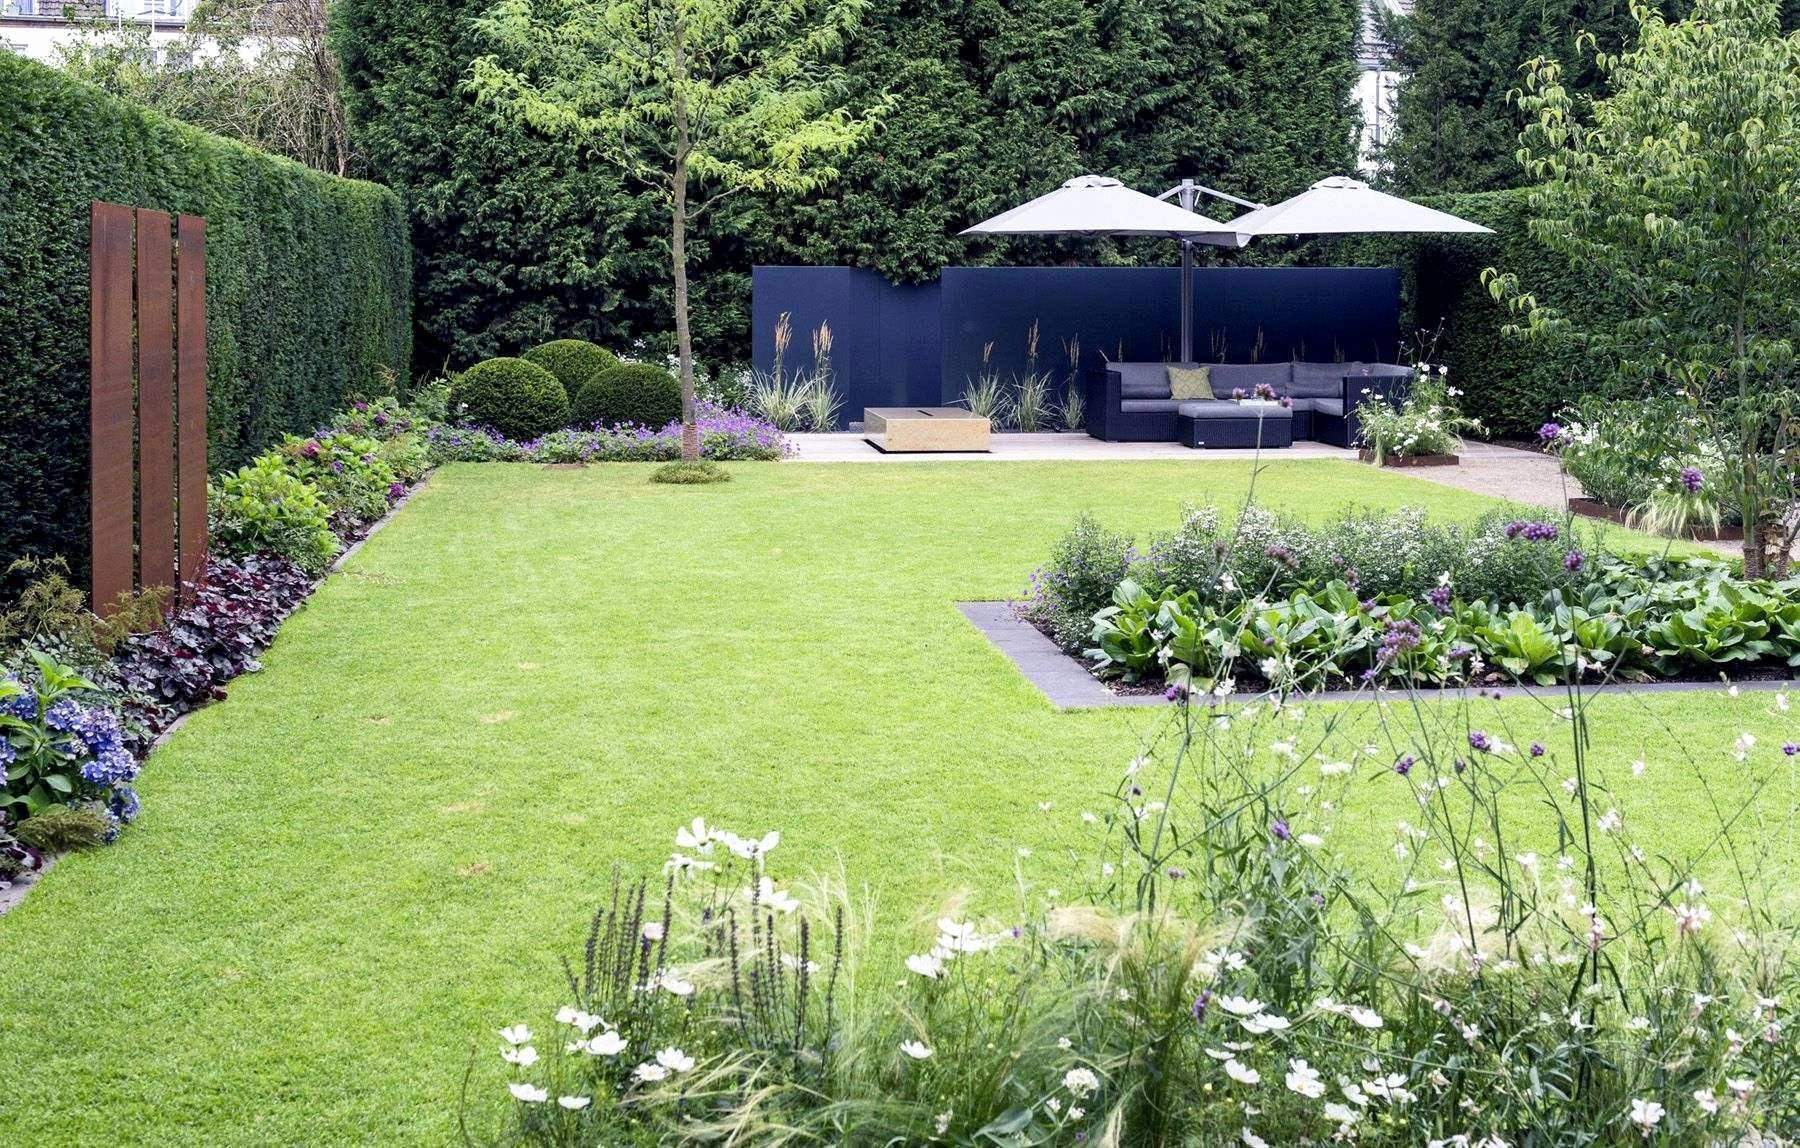 Kreative Ideen Für Den Garten Best Of 25 Reizend Gartengestaltung Für Kleine Gärten Genial